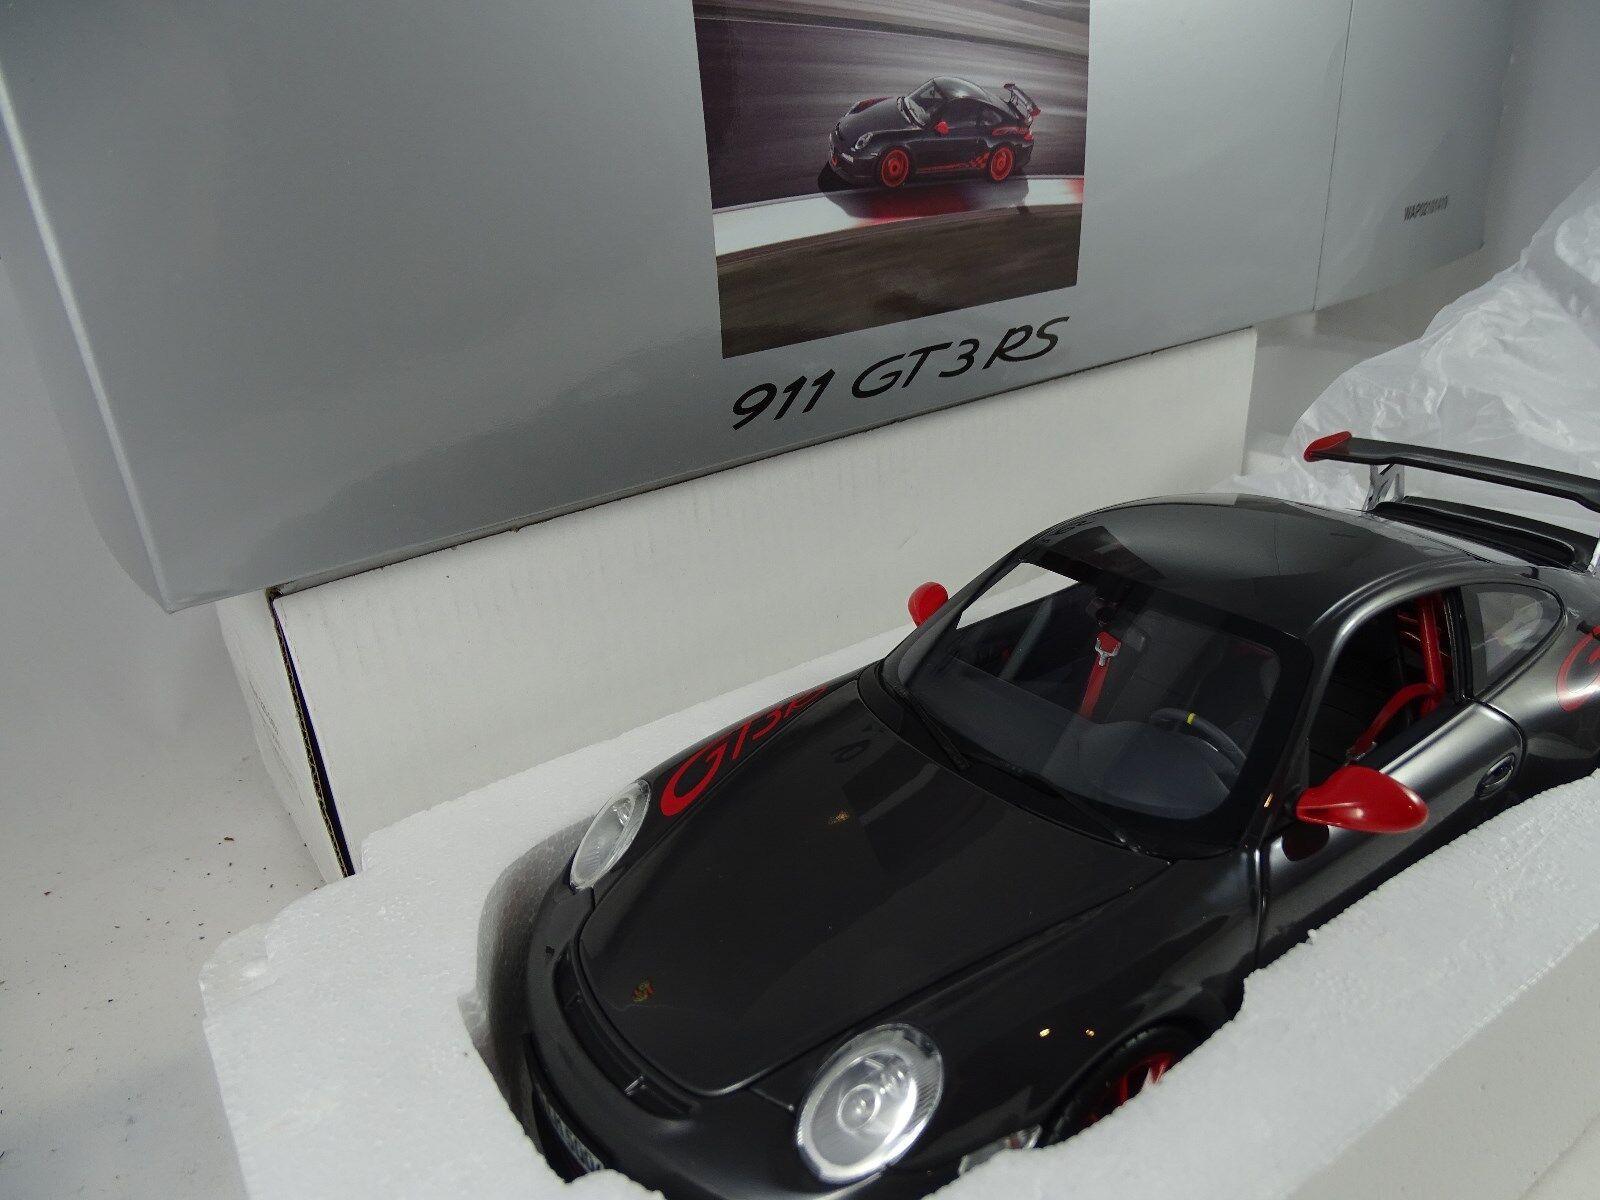 Porsche Museumsmodell WAP02101419-Porsche 911 GT3 Rs - Rareza